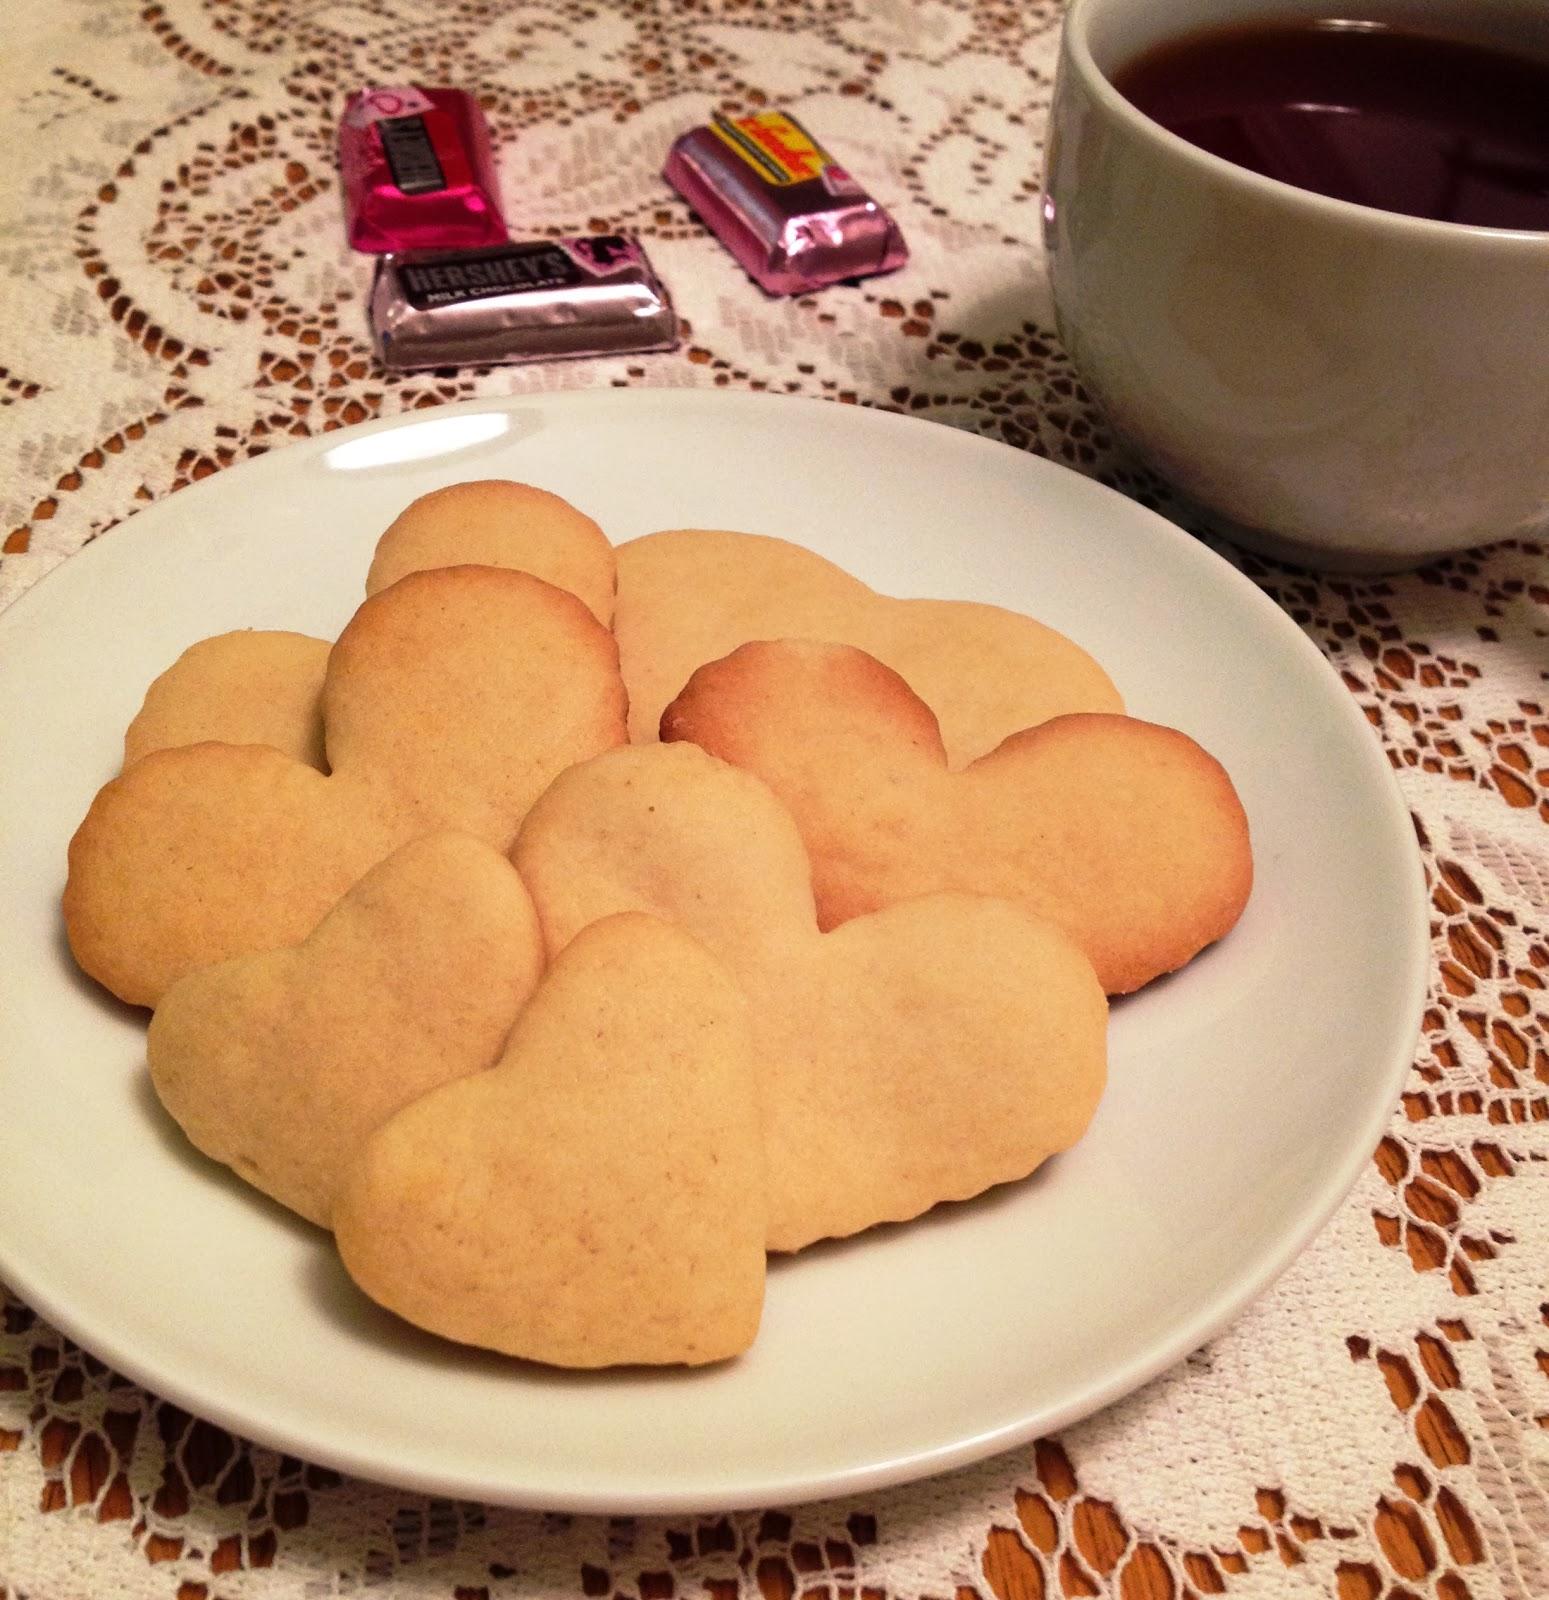 В День святого Валентина в почете все, что напоминает любовь.  И я не побоялась показаться не оригинальной в этот праздничный день. Поэтому печенье я испекла в форме сердечек.   Тесто для него выбрала самое простое, но очень вкусное. Думаю, что все сладкоежки любят песочное печенье.    Для теста надо: 2 яйца, 1 стакан сахара, 200 грамм сливочного масла, 2-3 стакана муки, щепотка гашеной соды, ваниль.        On Valentine's Day in honor anything that resembles love.  And I'm not afraid not seem original in this holiday. So I baked cookies in the shape of hearts.   Dough for him to choose the most simple but very tasty. I think that all the sweet tooth like shortbread .   To test the need : 2 eggs , 1 cup sugar , 200 grams of butter, 2-3 cups of flour, a pinch of slaked soda and vanilla.